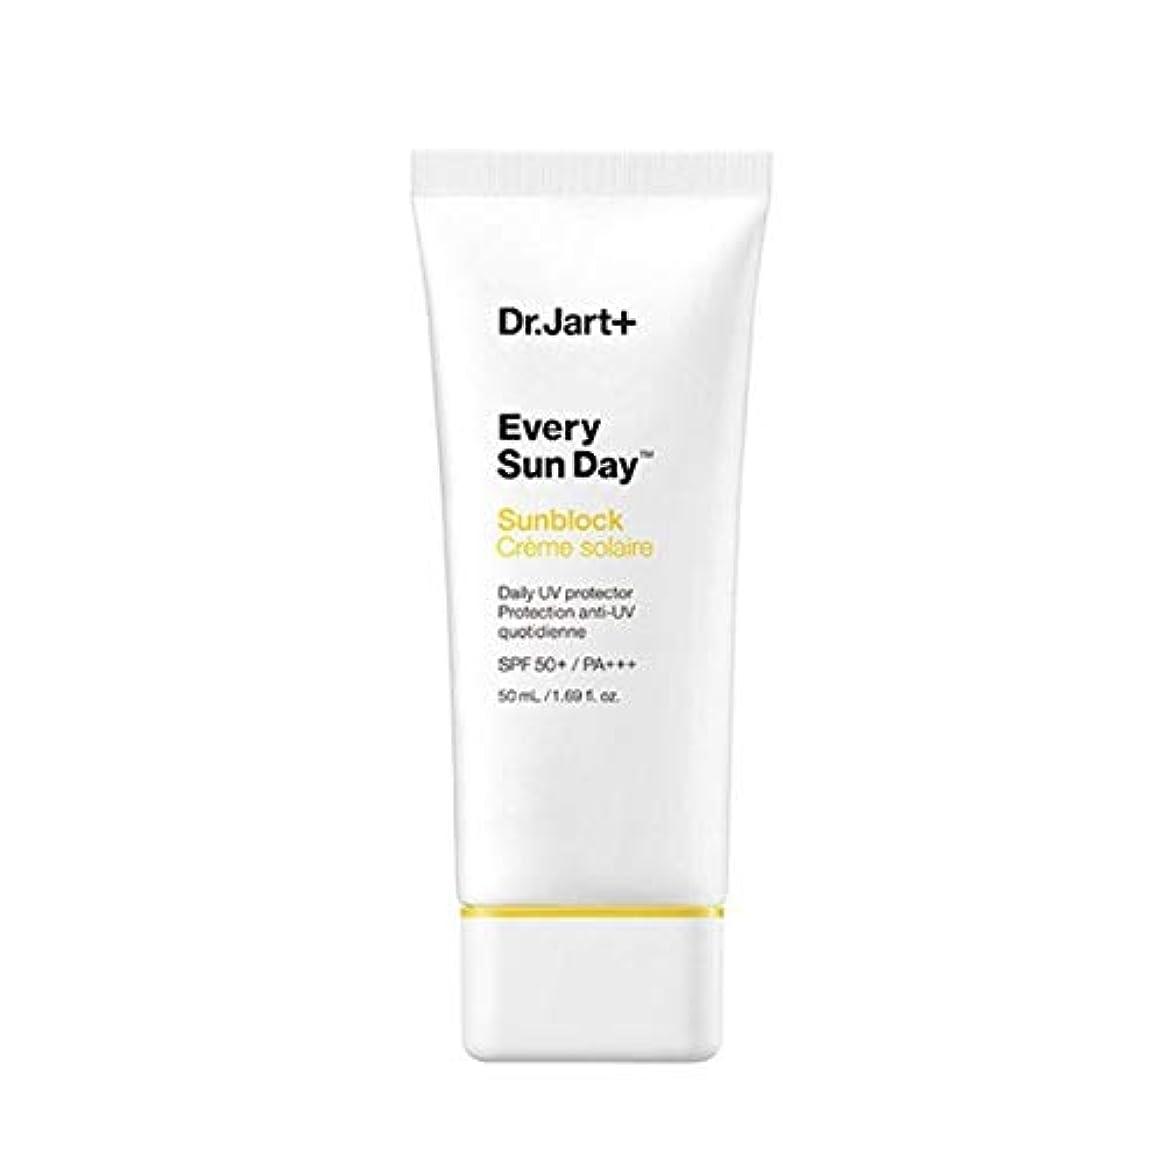 近々ステージ枝ドクタージャルトゥエブリサンデーサンブロック50mlサンクリーム韓国コスメ、Dr.Jart Every Sun Day Sun Block 50ml Sun Cream Korean Cosmetics [並行輸入品]